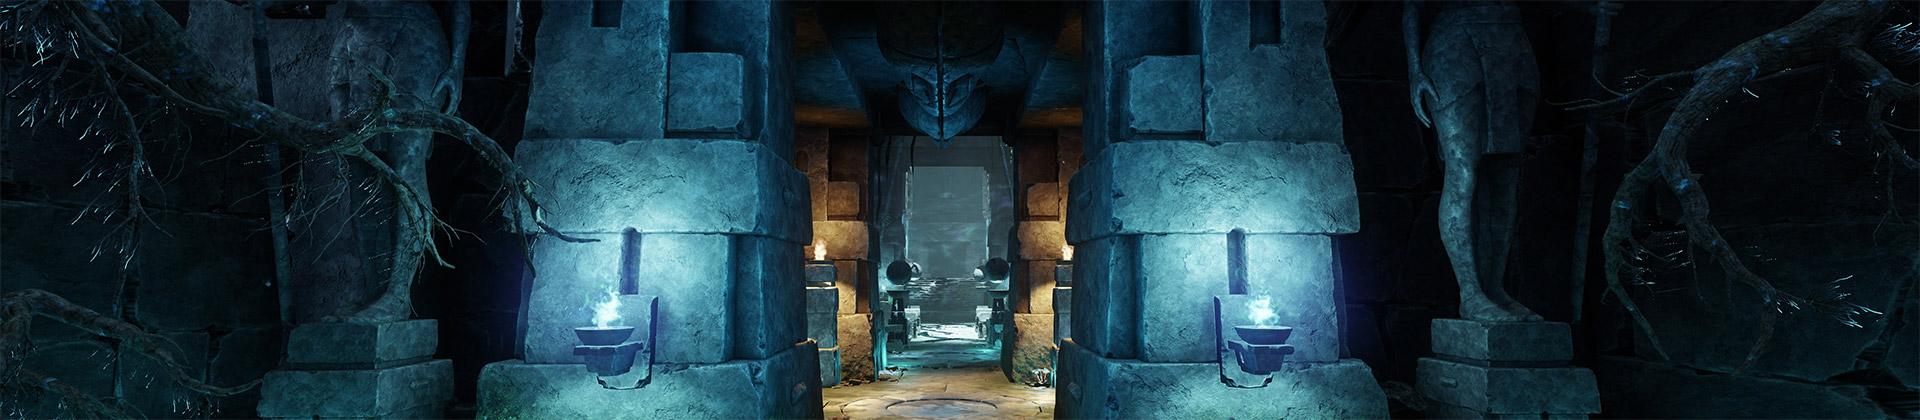 Ein Screenshot eines langen Ganges, in dem keine Spieler oder Gegner zu sehen sind. Der Gang besteht aus uraltem gehauenem Stein und wird abwechselnd von kalten und warmen Lichtern beleuchtet. Er ist gesäumt von knorrigen Bäumen.